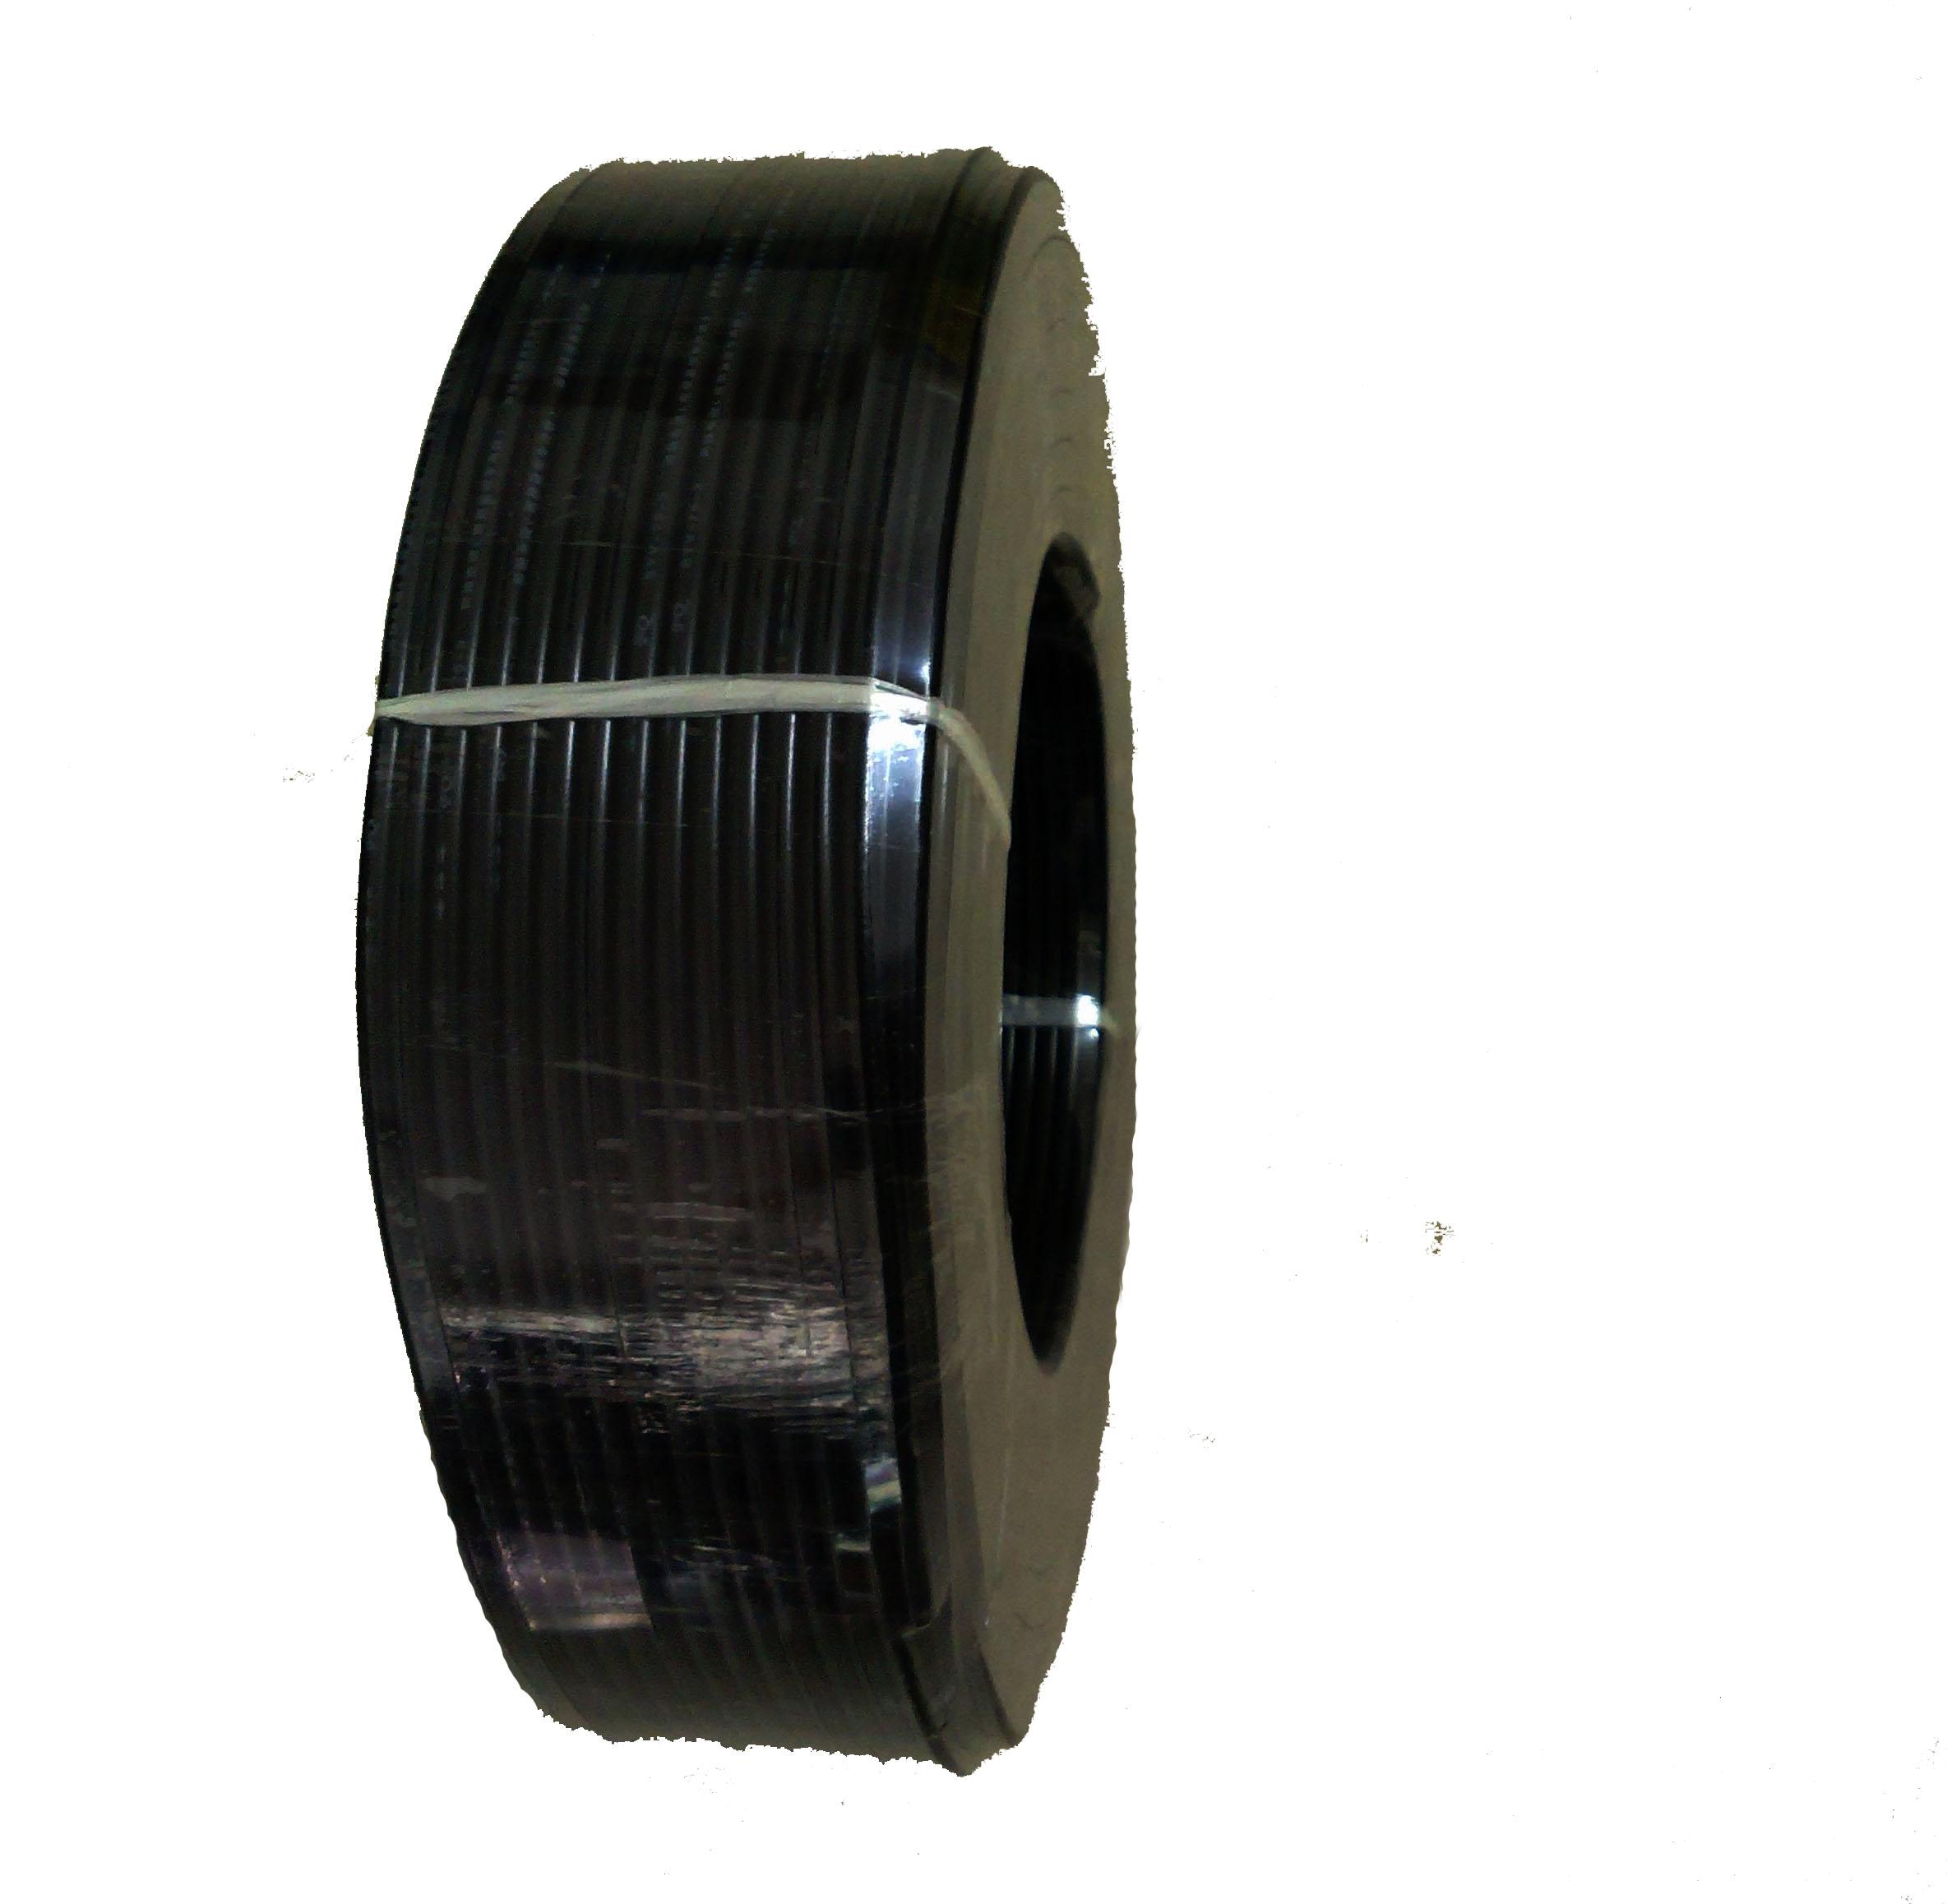 Периферия Видеокабель монитора кабель syv75-4 PE CU основной объем 170 м/заводской магазин